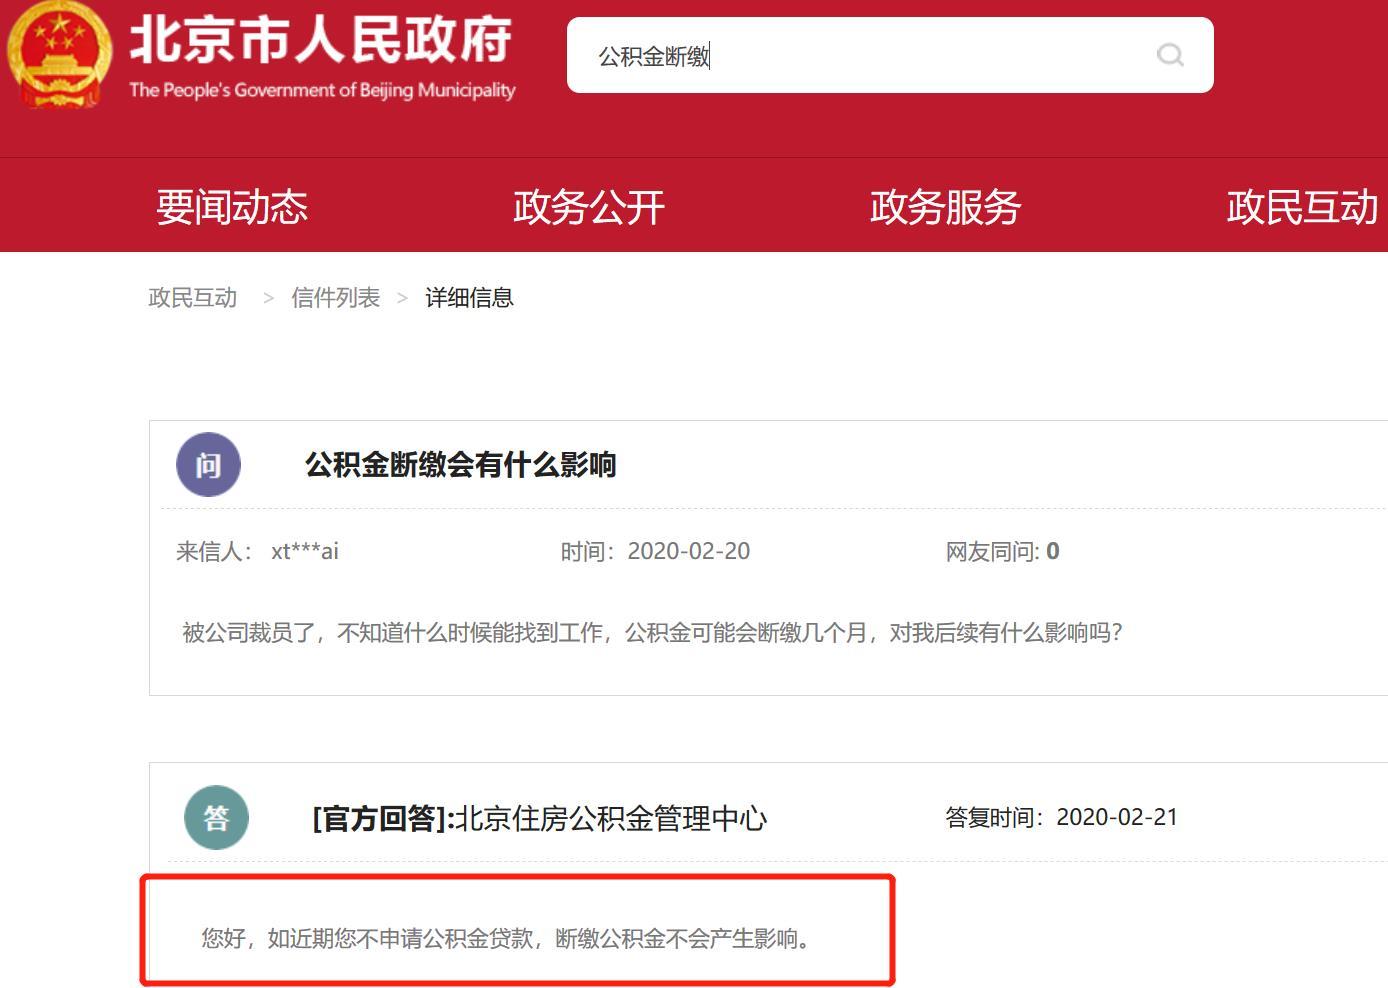 重磅!北京公积金中心:公积金断缴不会产生影响图片